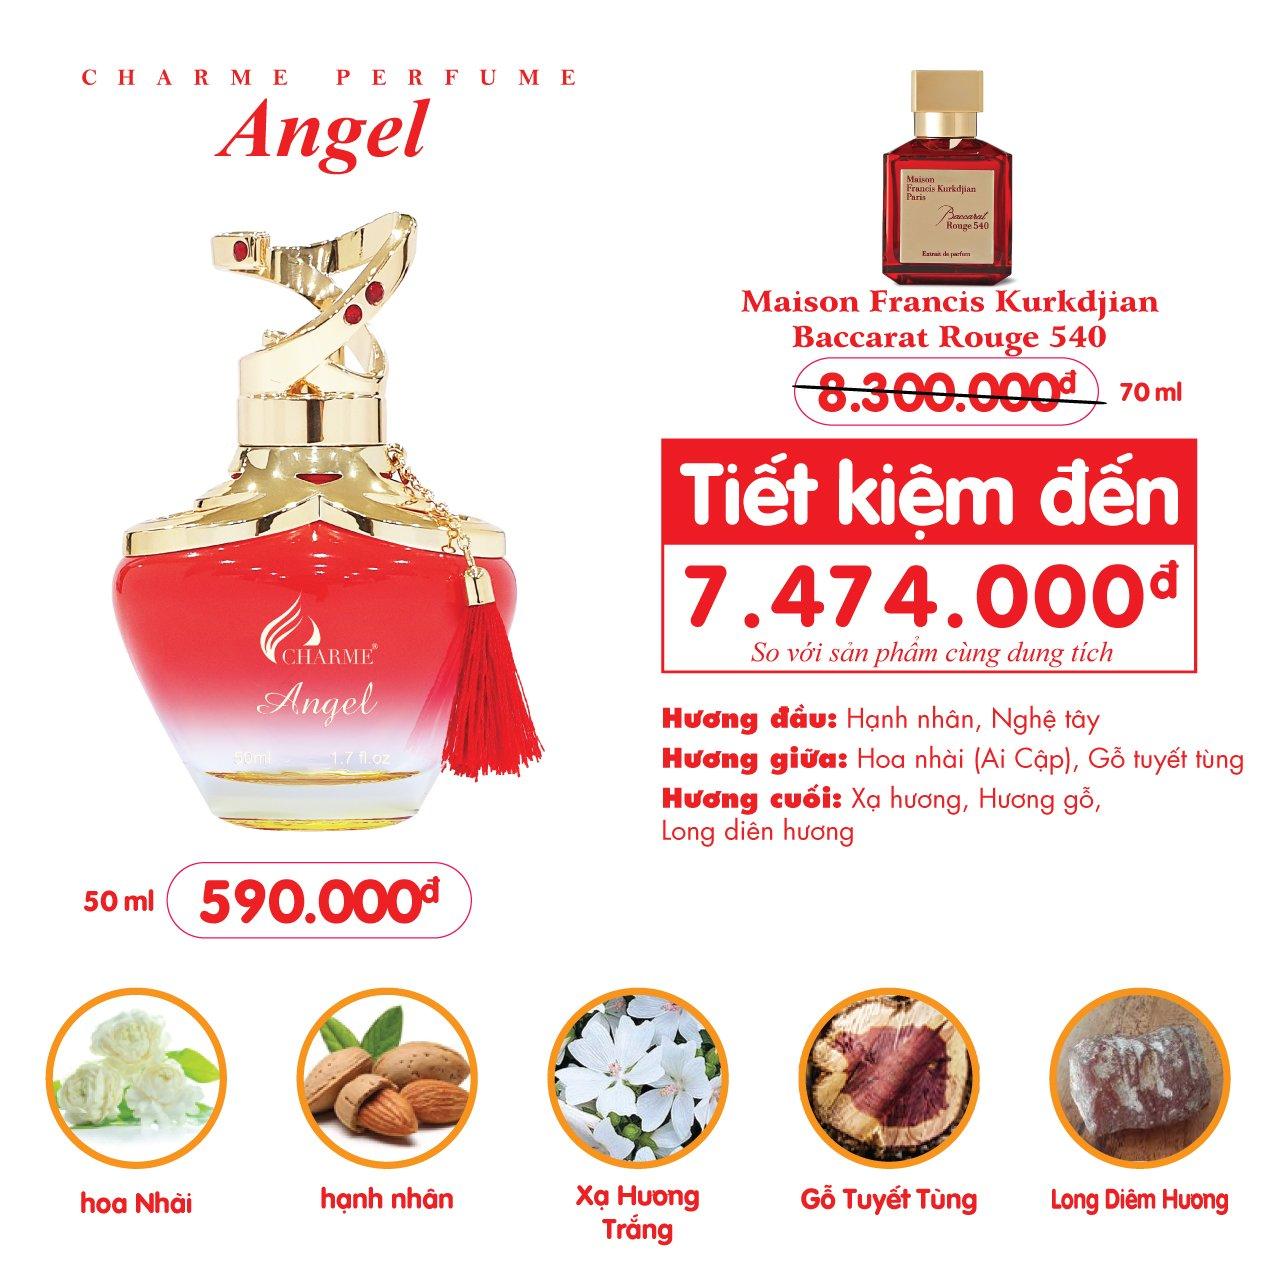 Nước Hoa Charme Angel 50ml Nữ Chính Hãng✔️Tặng Quà Hot